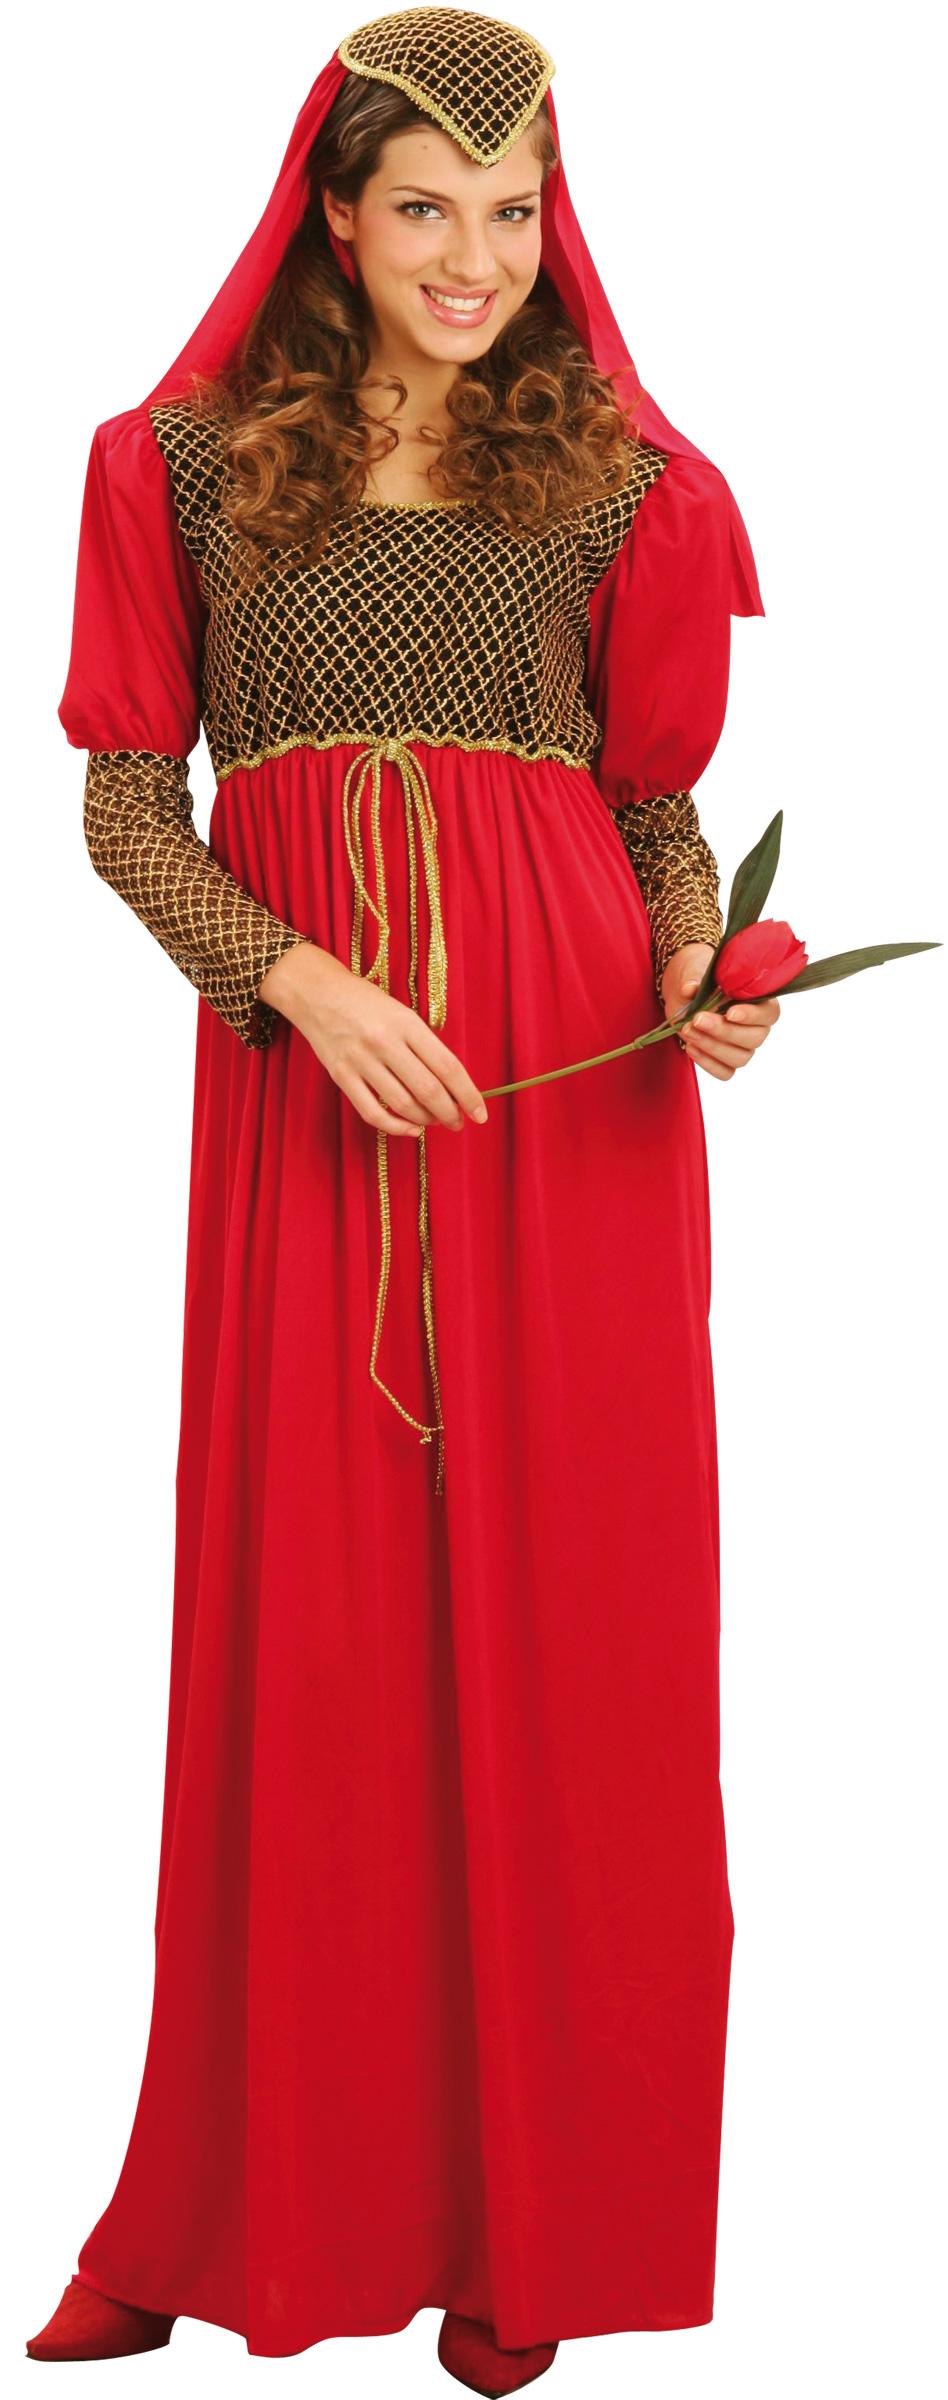 déguisement princesse médiéval